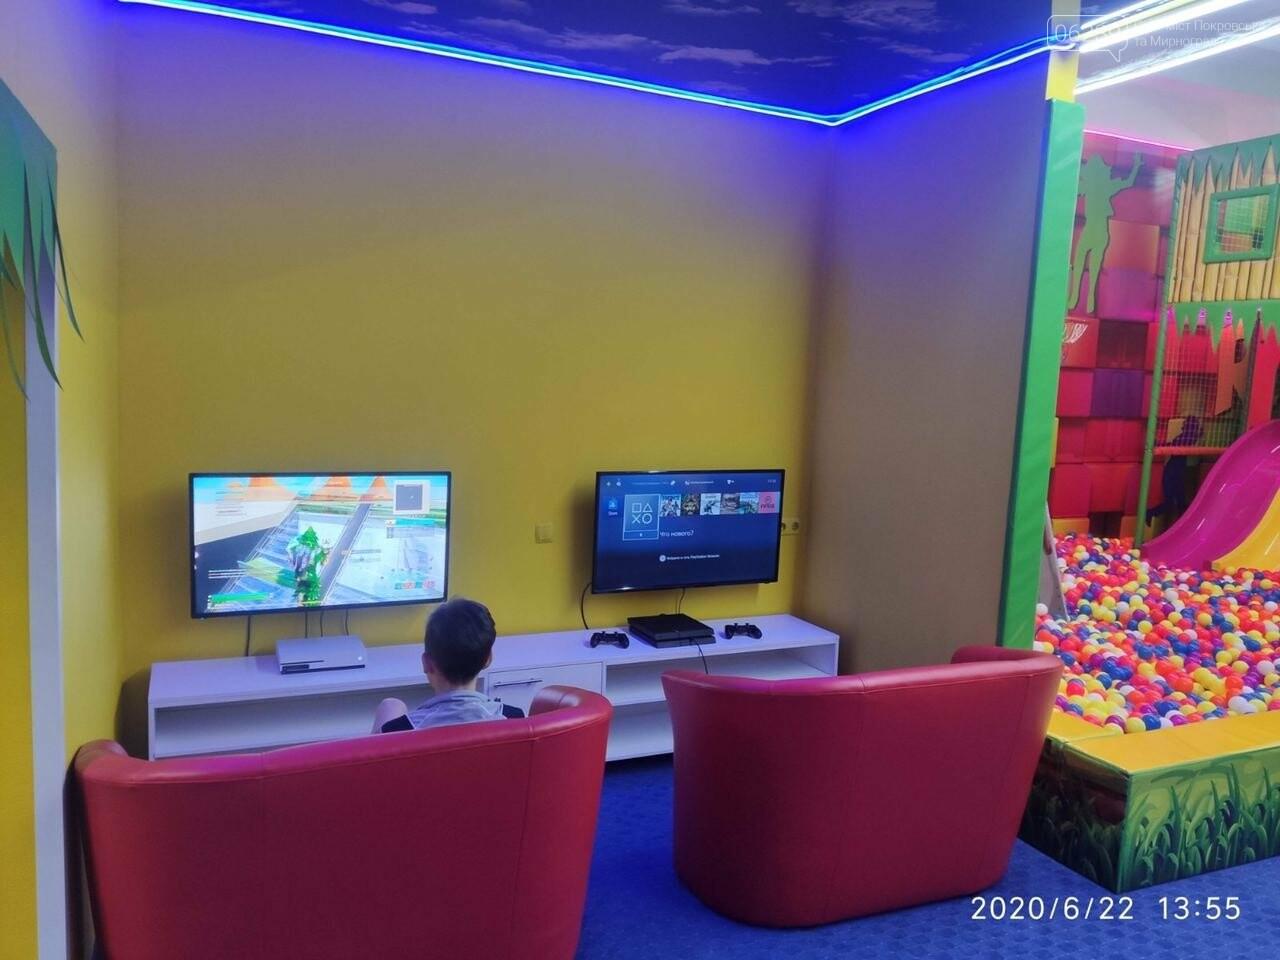 В развлекательном центре Rio Mega jump открылся первый роллердром в Покровске!, фото-10